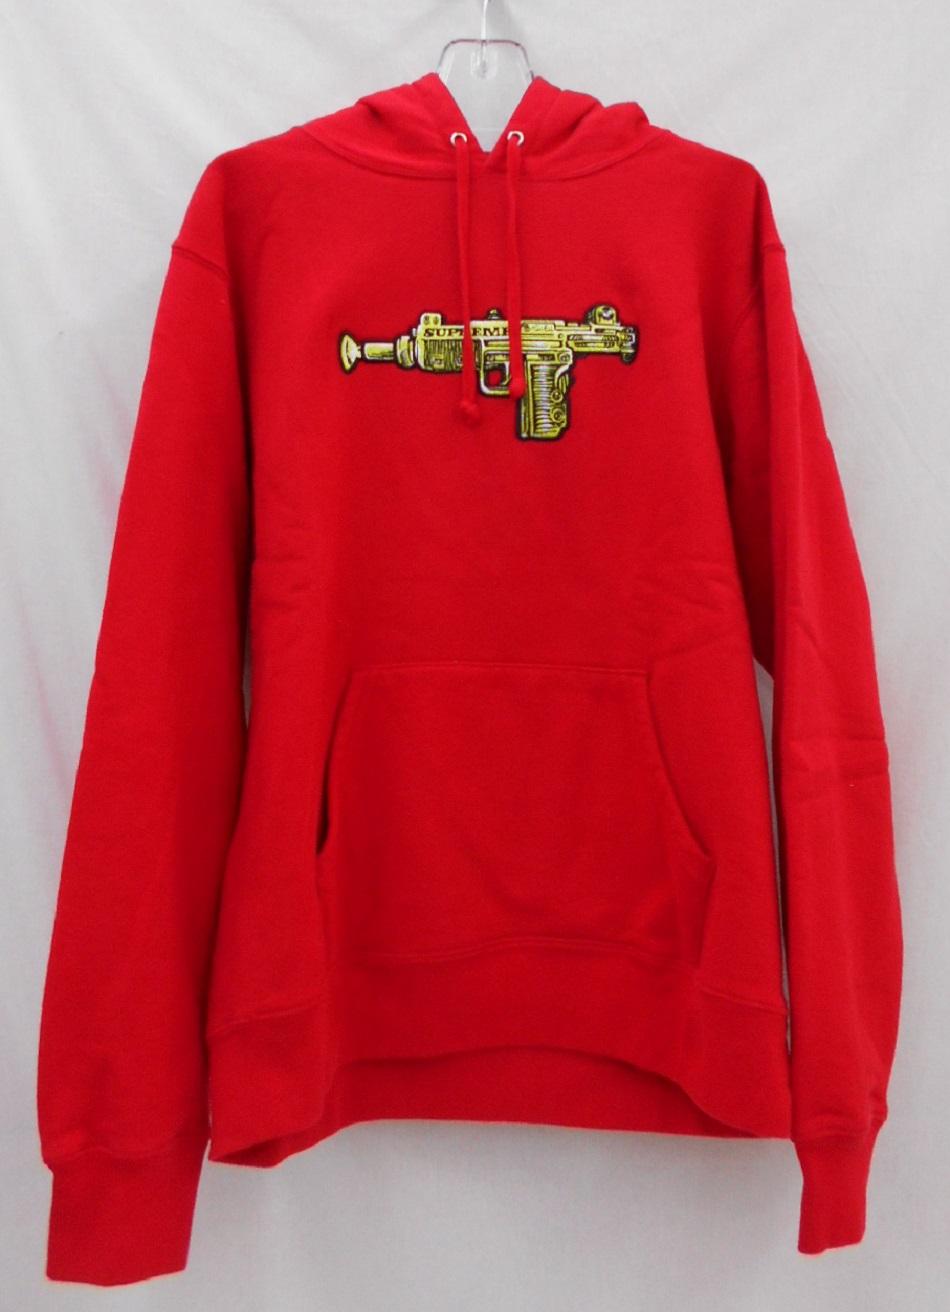 【好評にて期間延長】 Supreme/シュプリーム 19SSTOY U21 Hooded Sweatshirtパーカー Red レッド Size:M, キワチョウ 2e096e5c